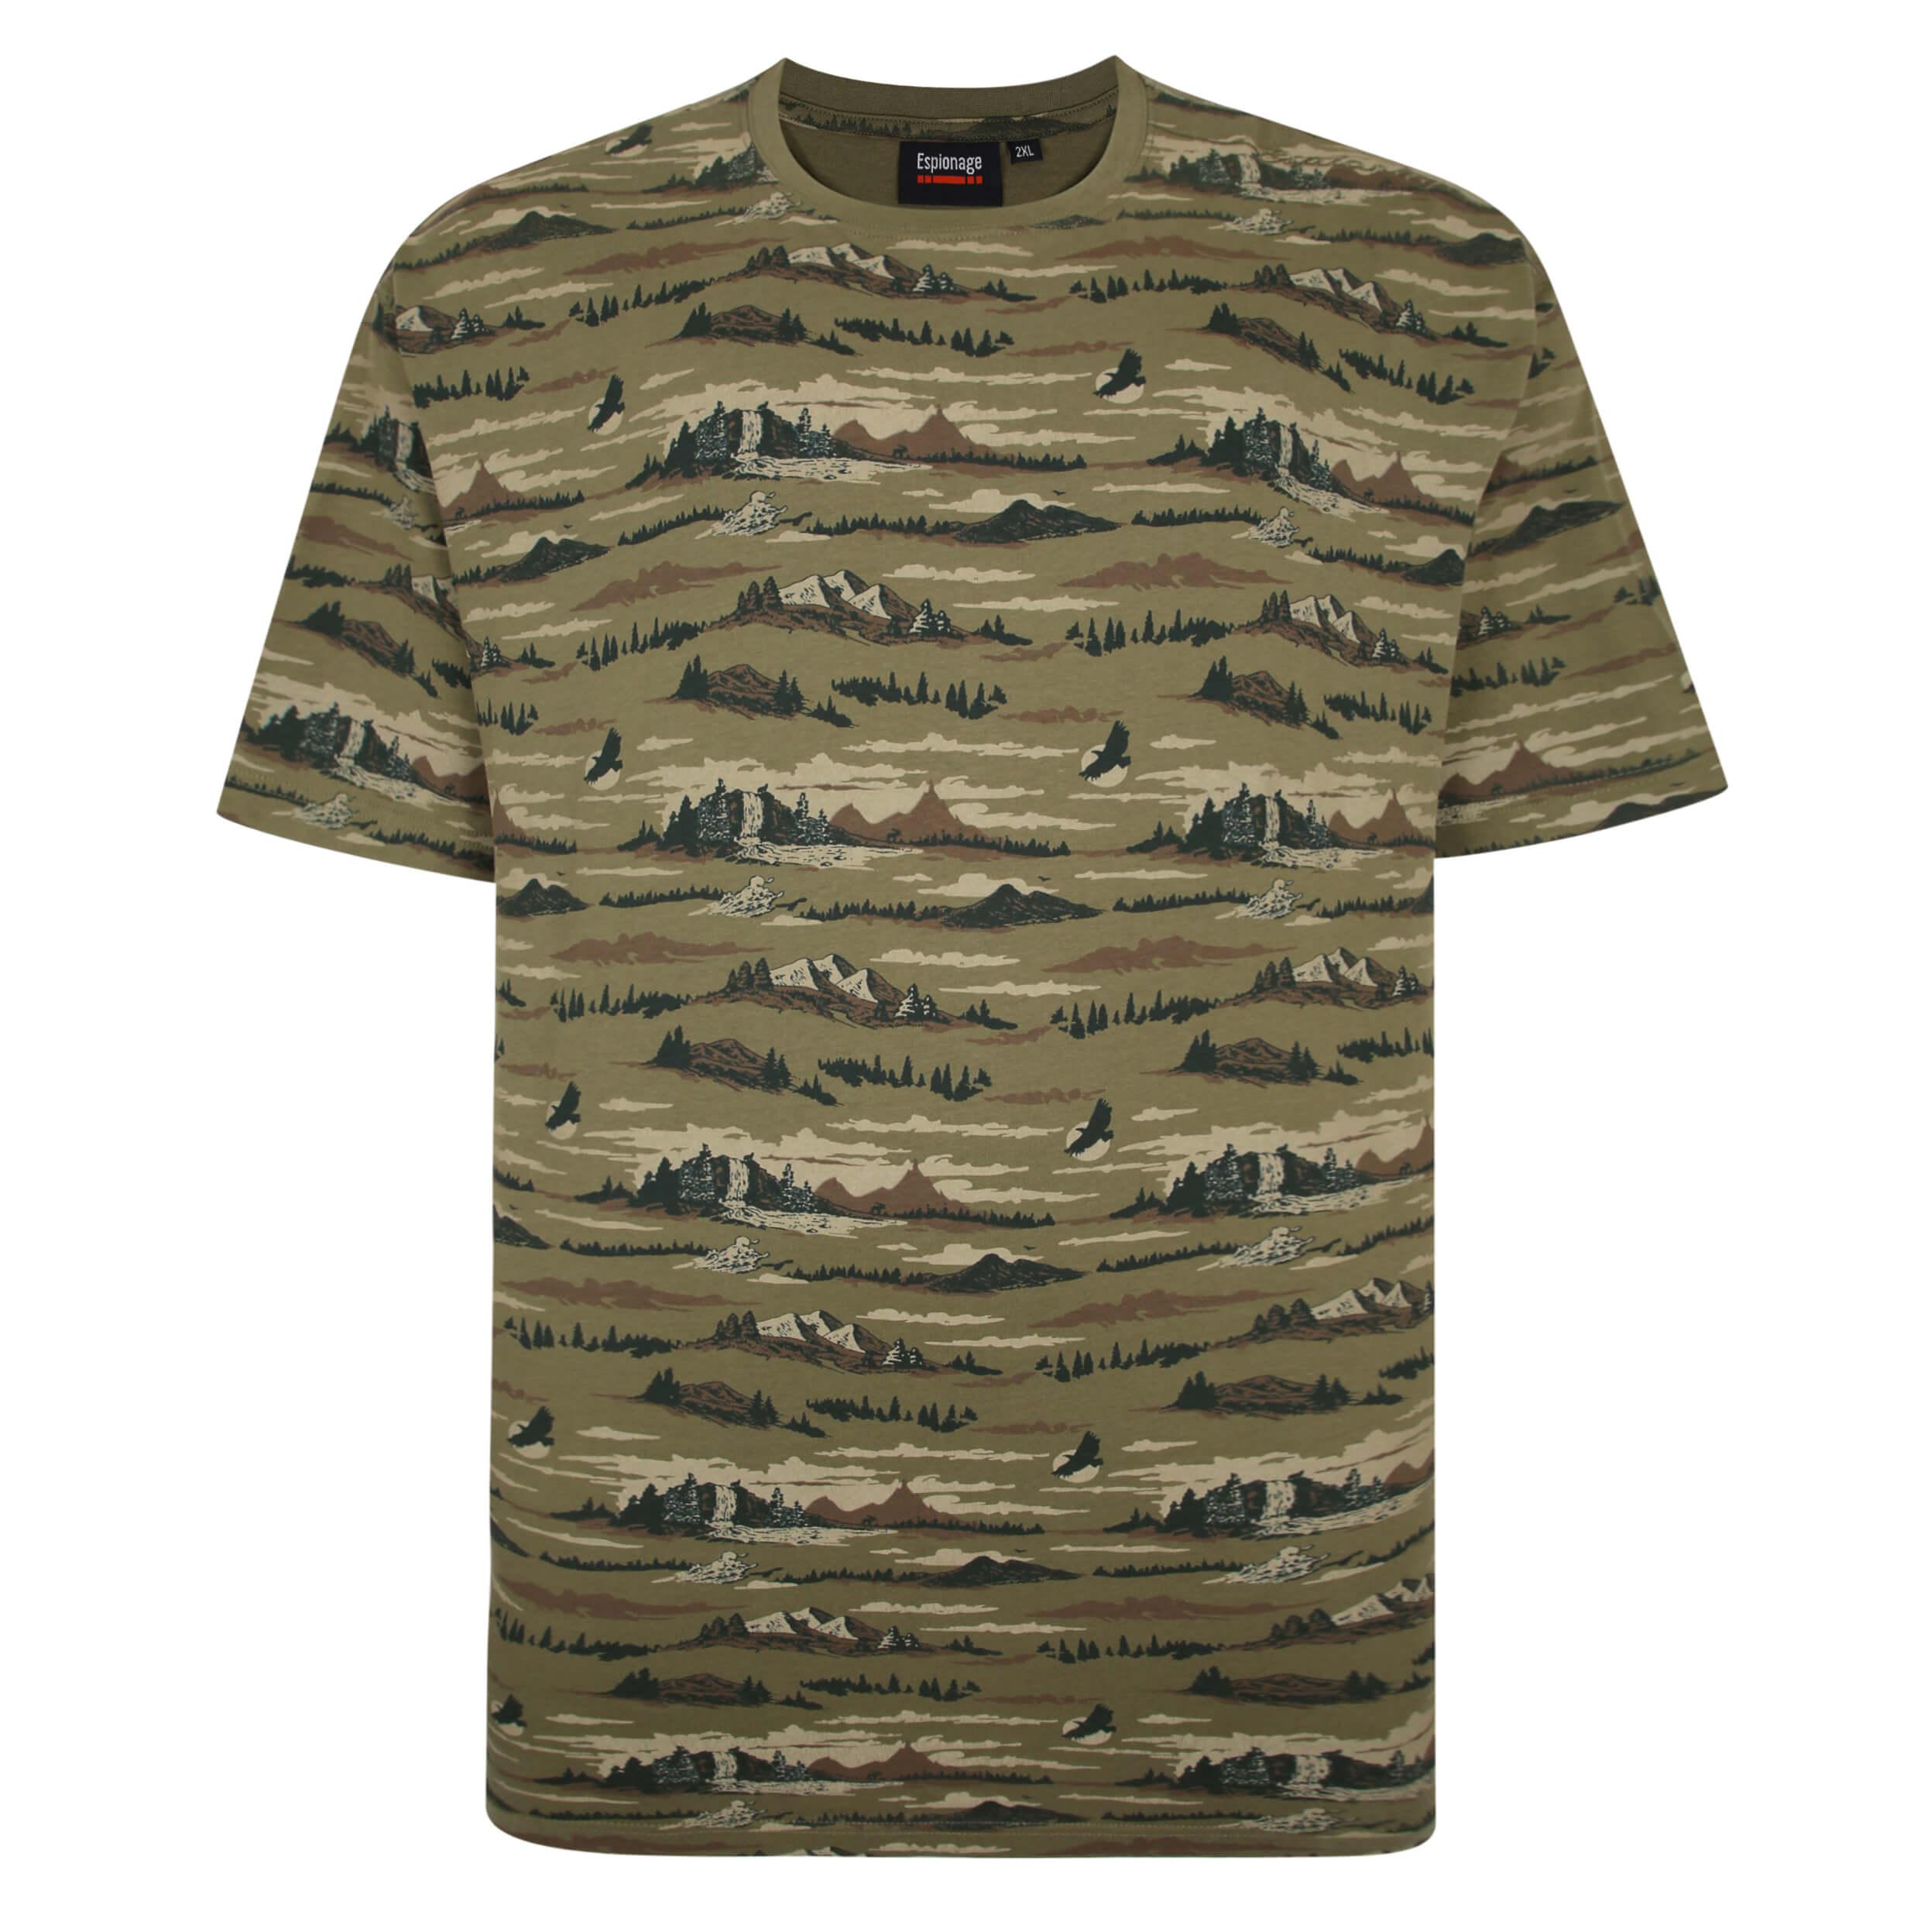 Espionage Wilderness Tee Shirt